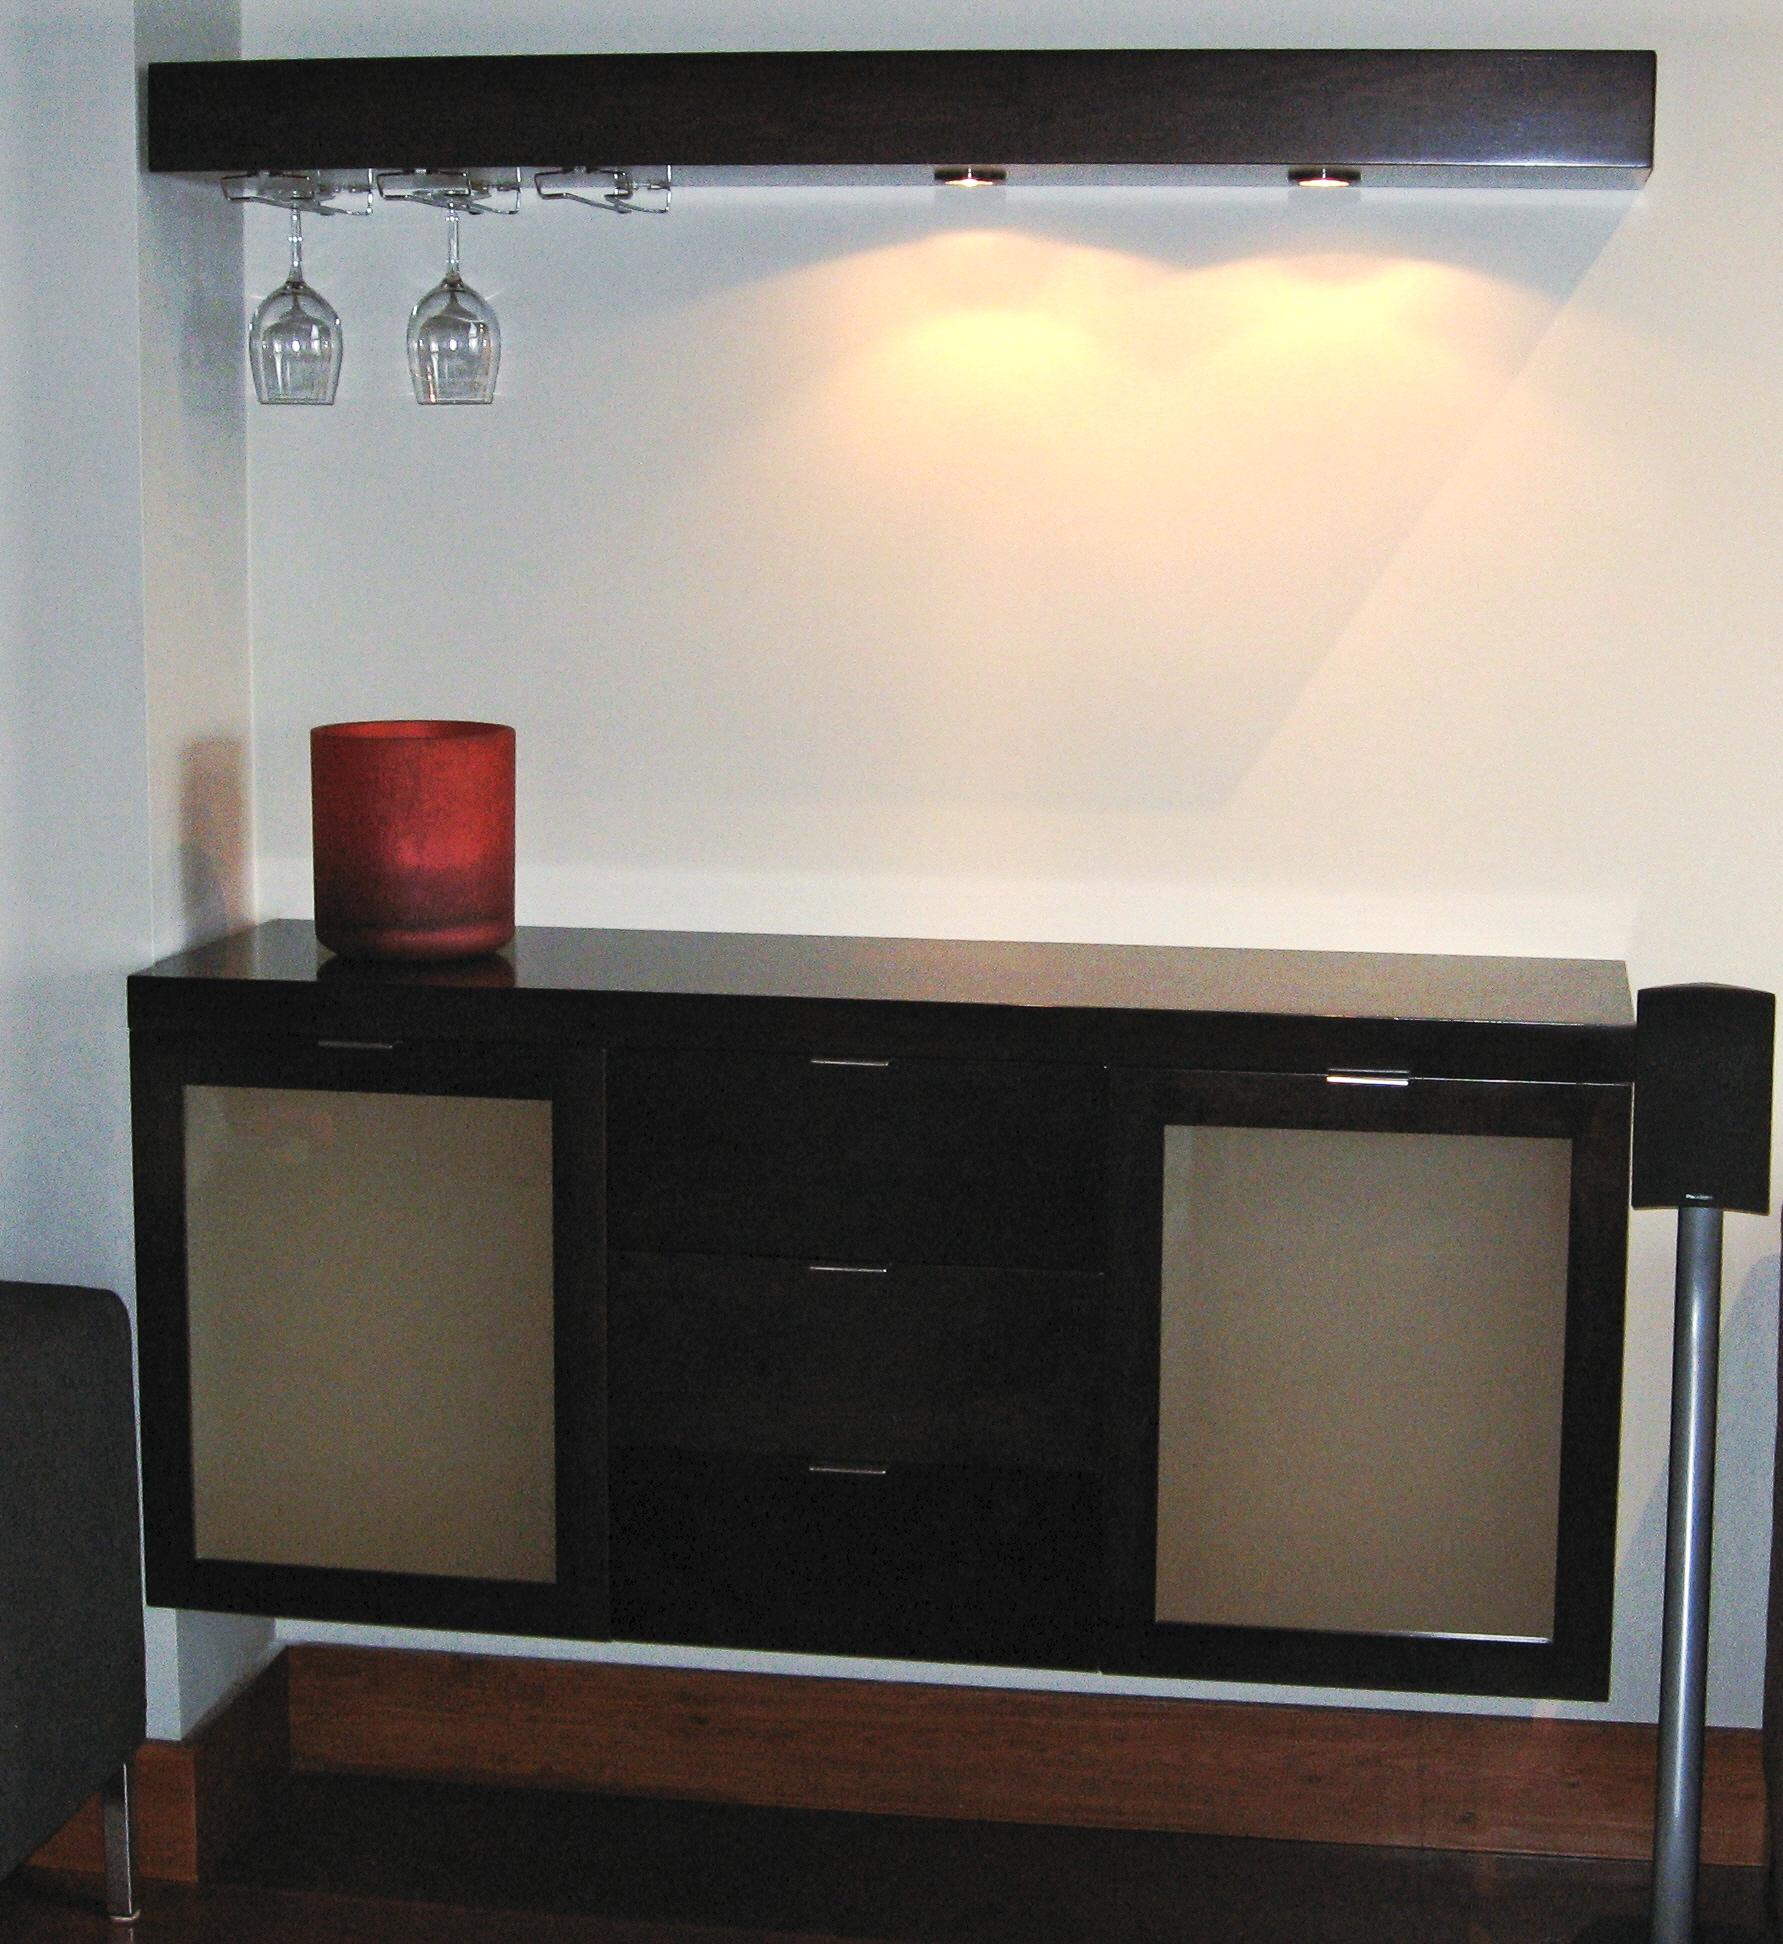 modern-floating-bar-cabinet-with-floating-shelf.JPG